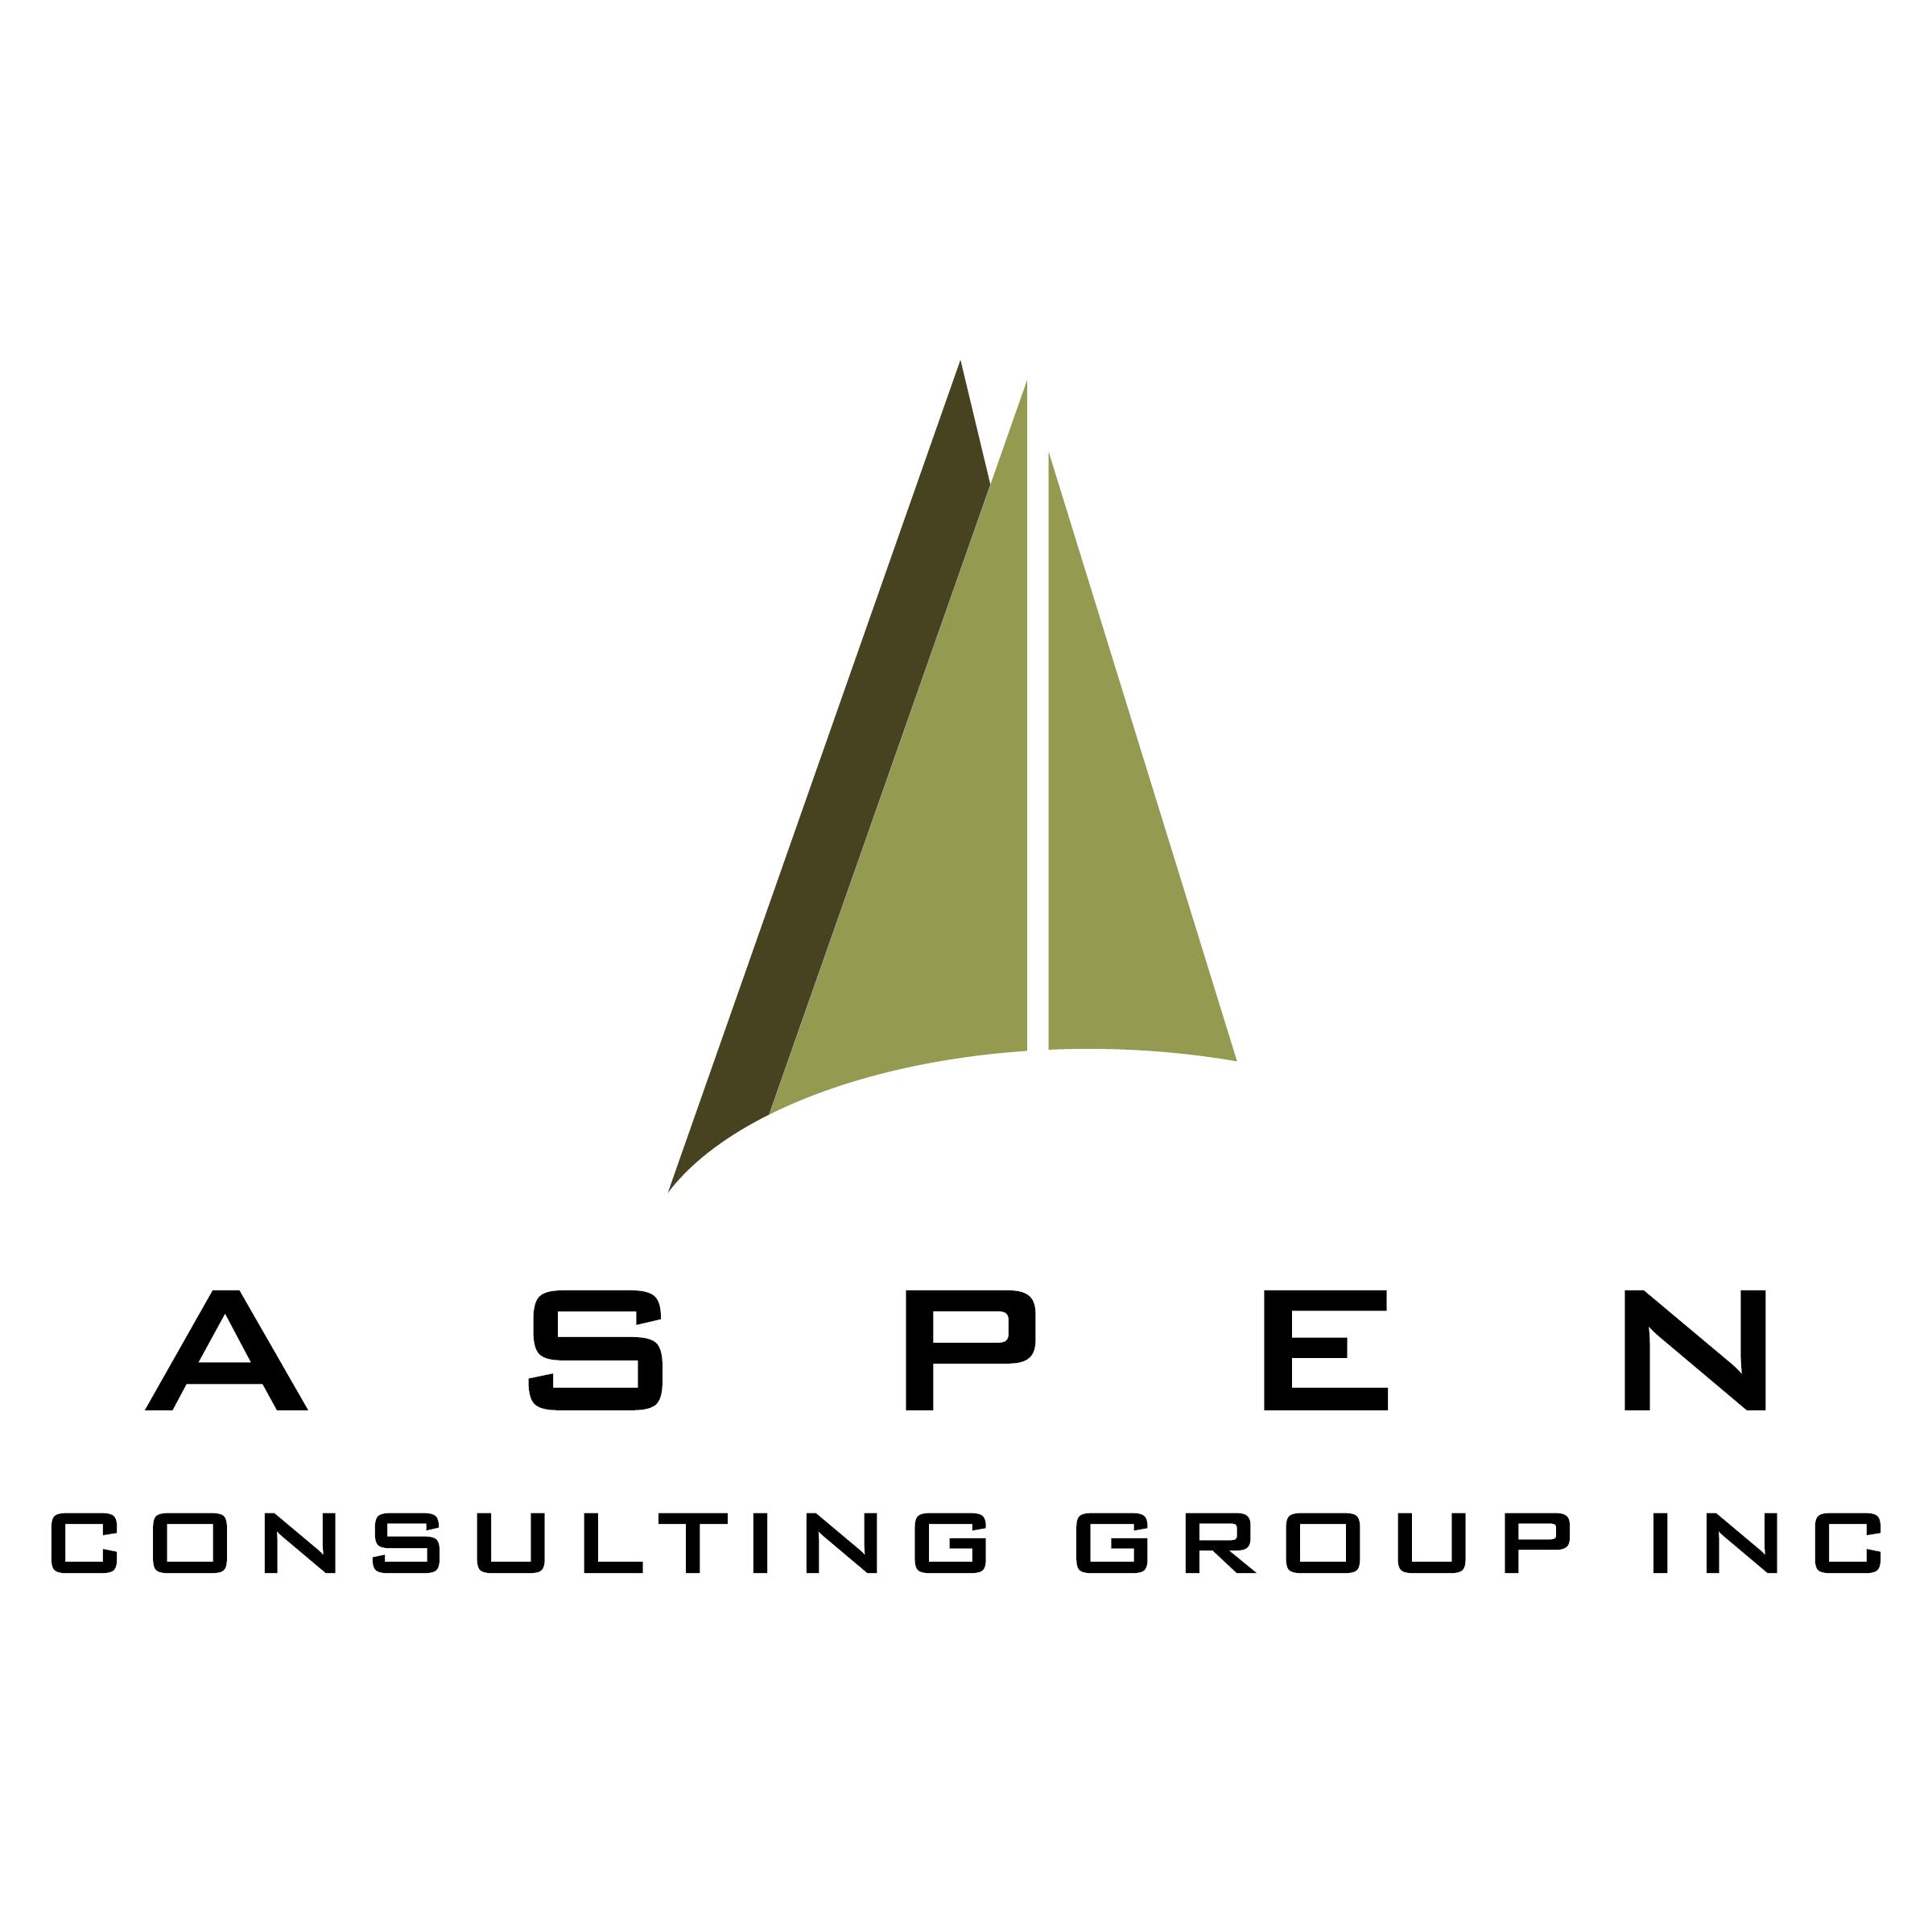 Aspen Consulting